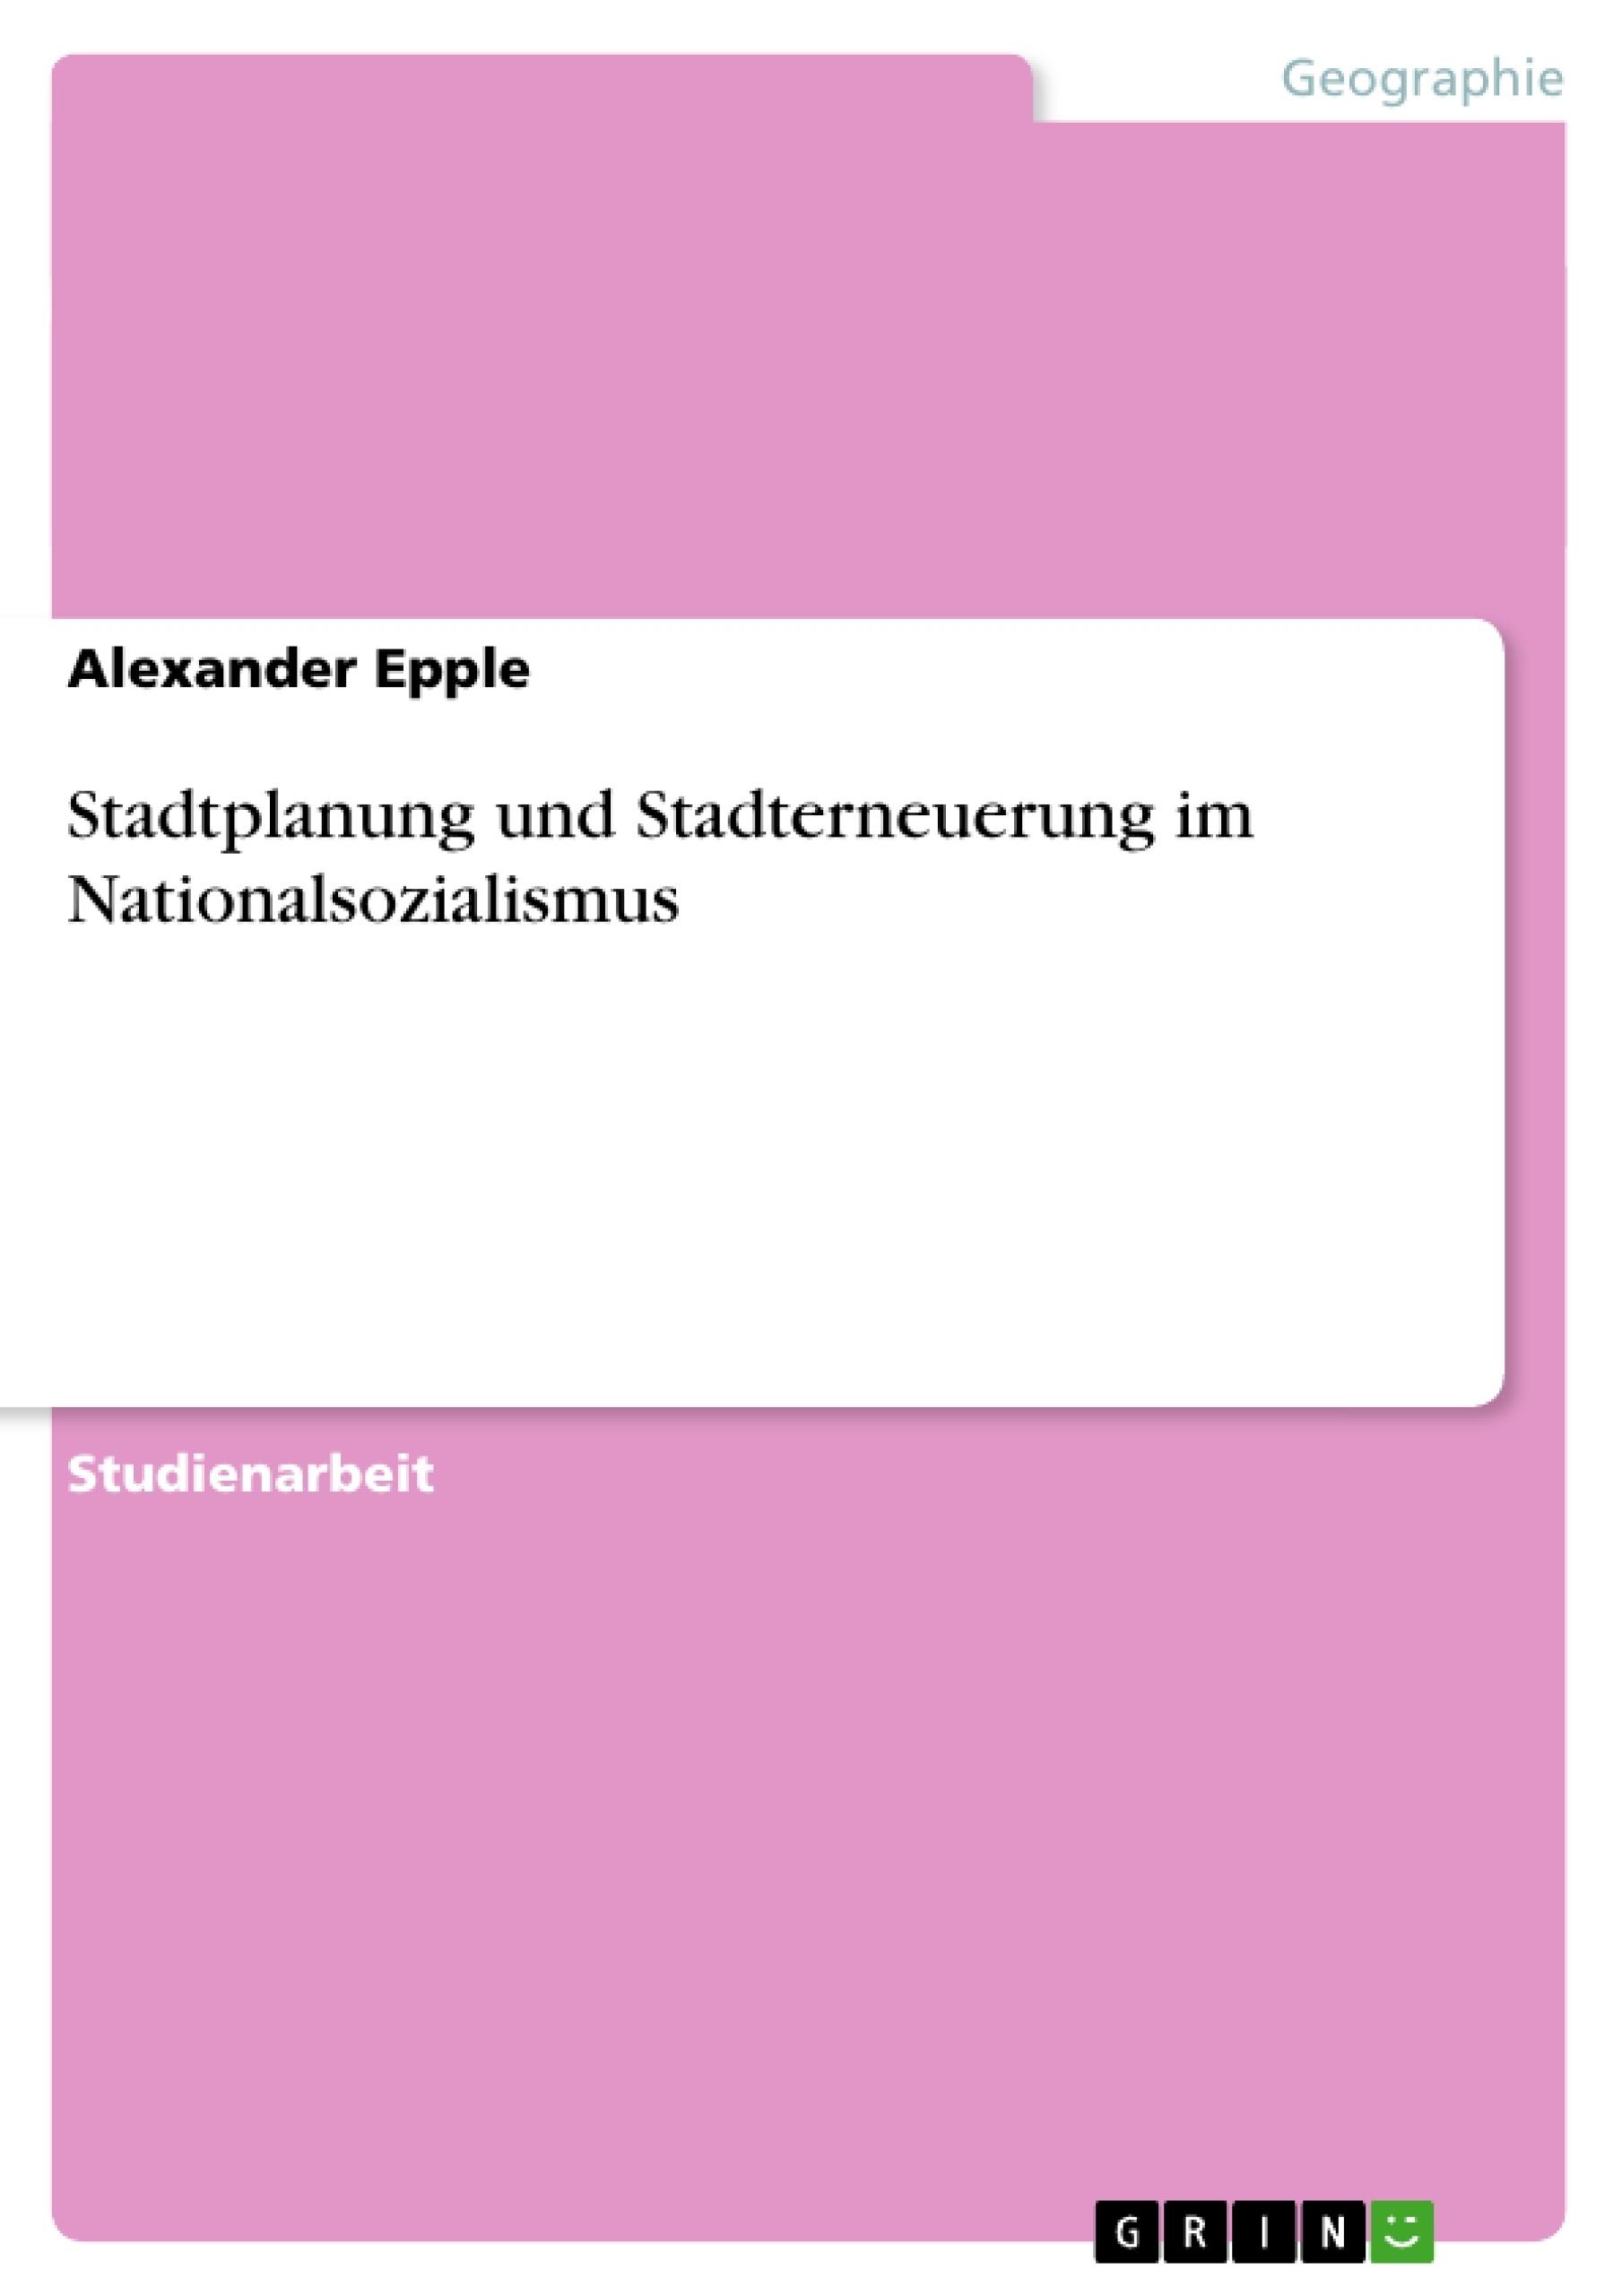 Titel: Stadtplanung und Stadterneuerung im Nationalsozialismus